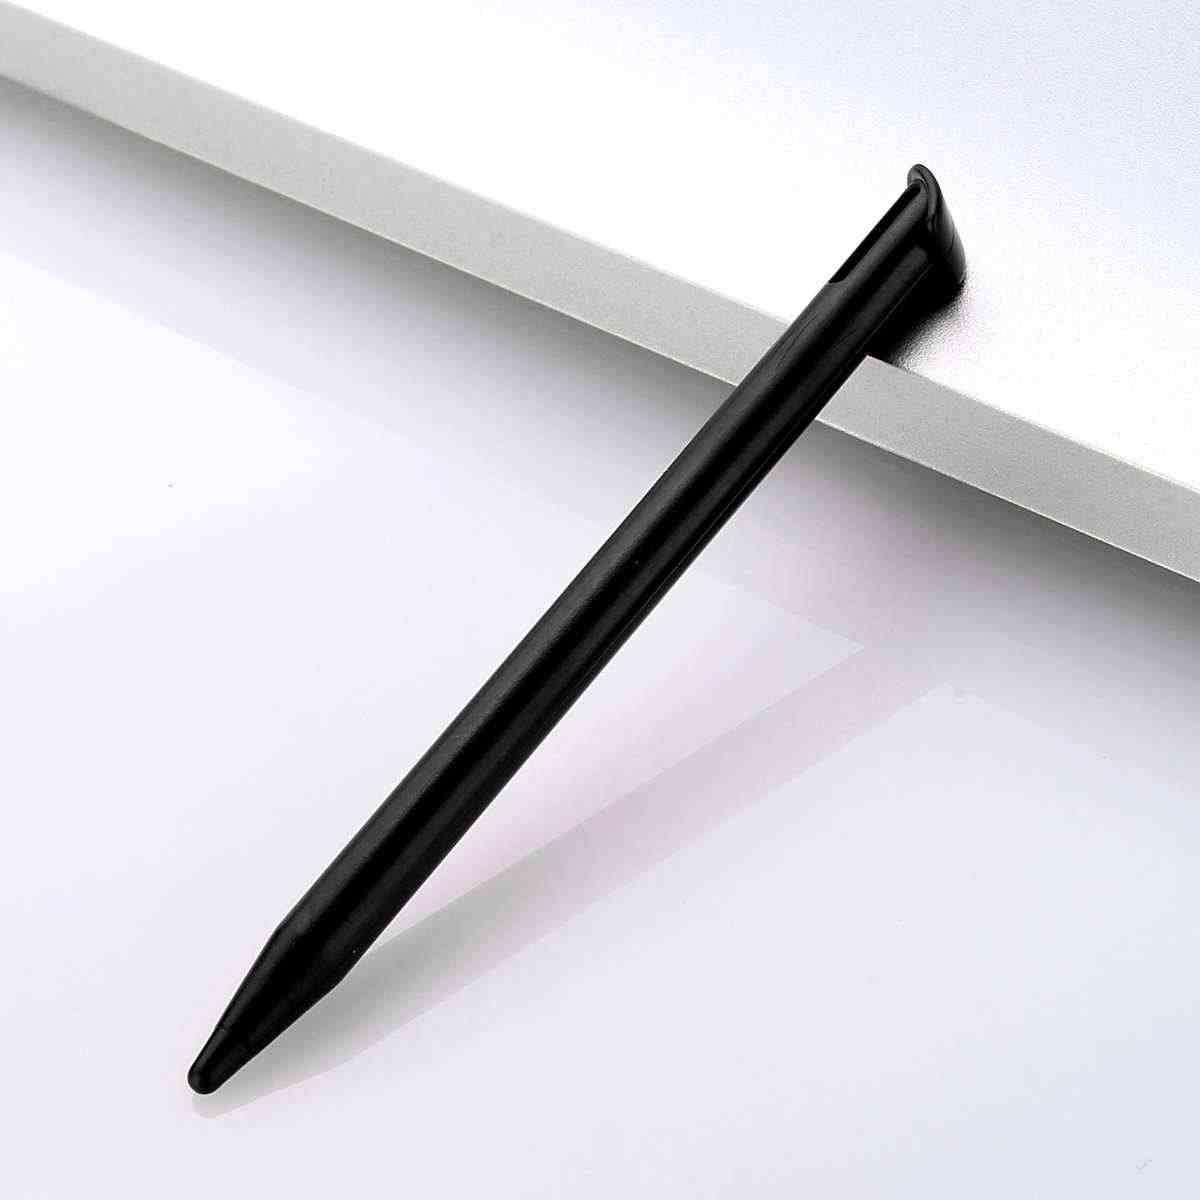 אדום/כחול/שחור קומפקטי מסך מגע פלסטיק PC Stylus עט עבור נין עשר לעשות חדש 3DS XL/ LL פלסטיק חלק מגע